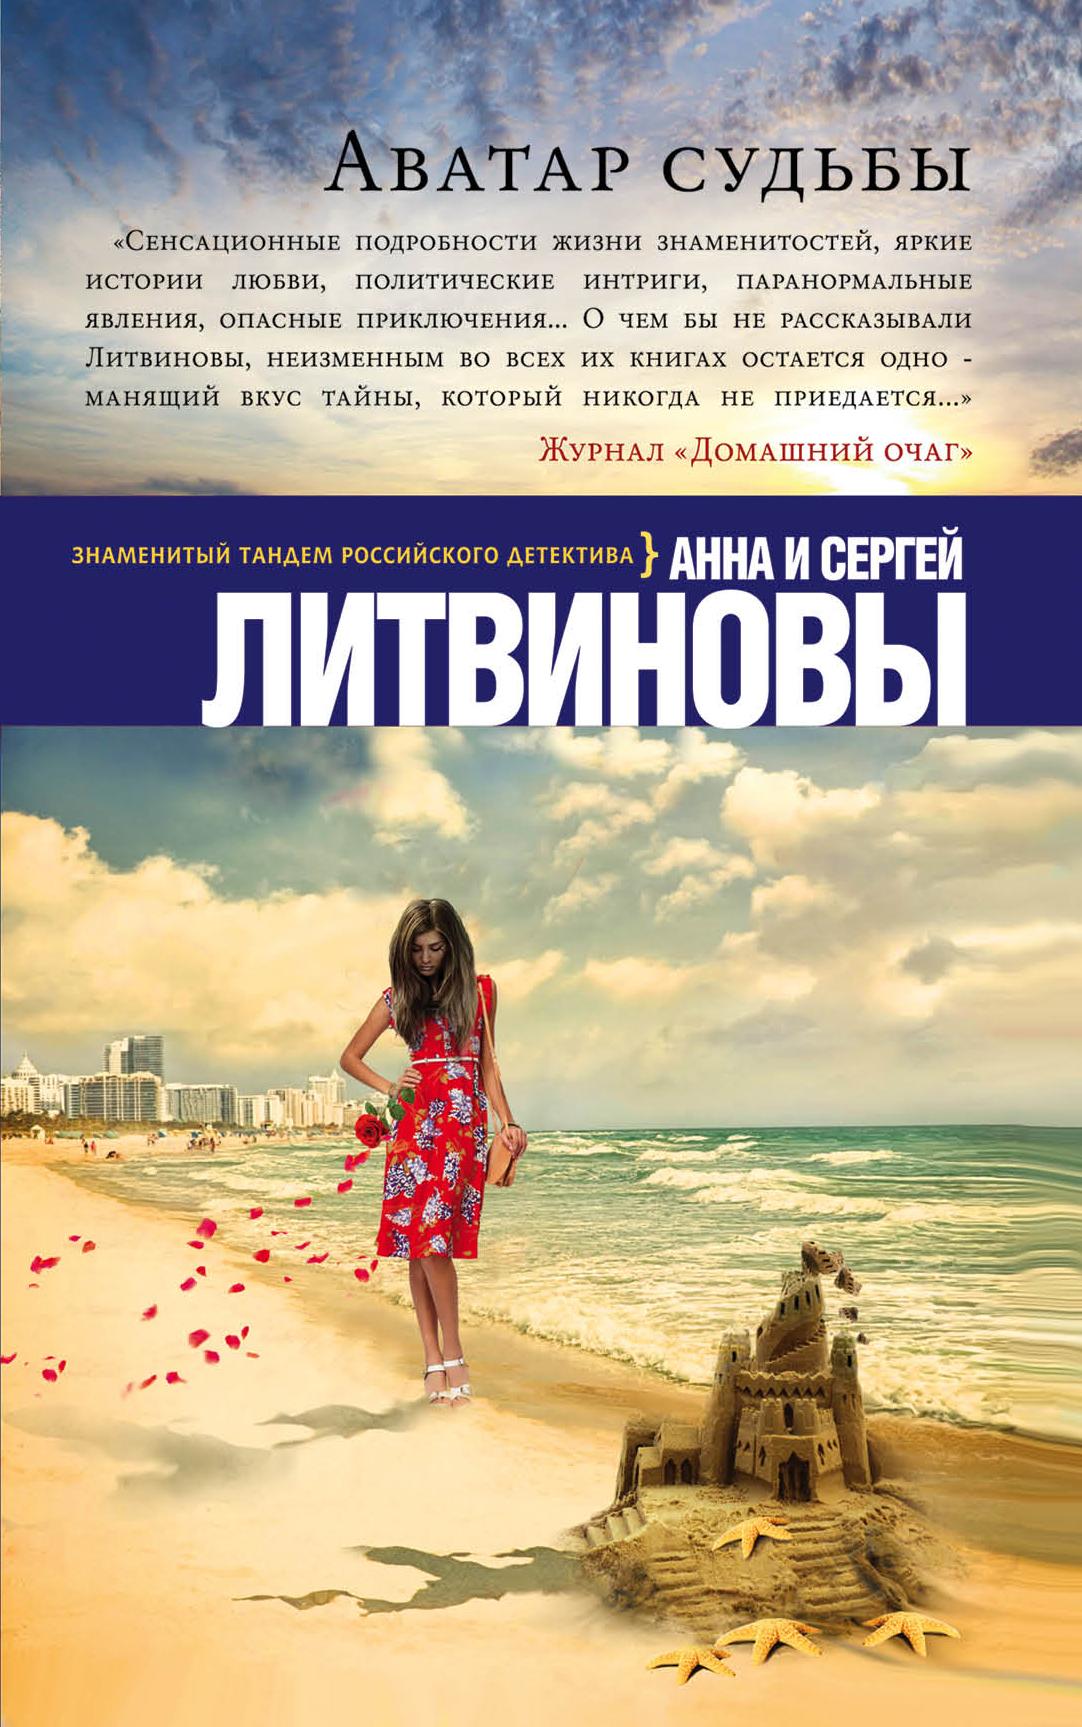 Купить Аватар судьбы, Сергей Литвинов, 978-5-699-86612-0